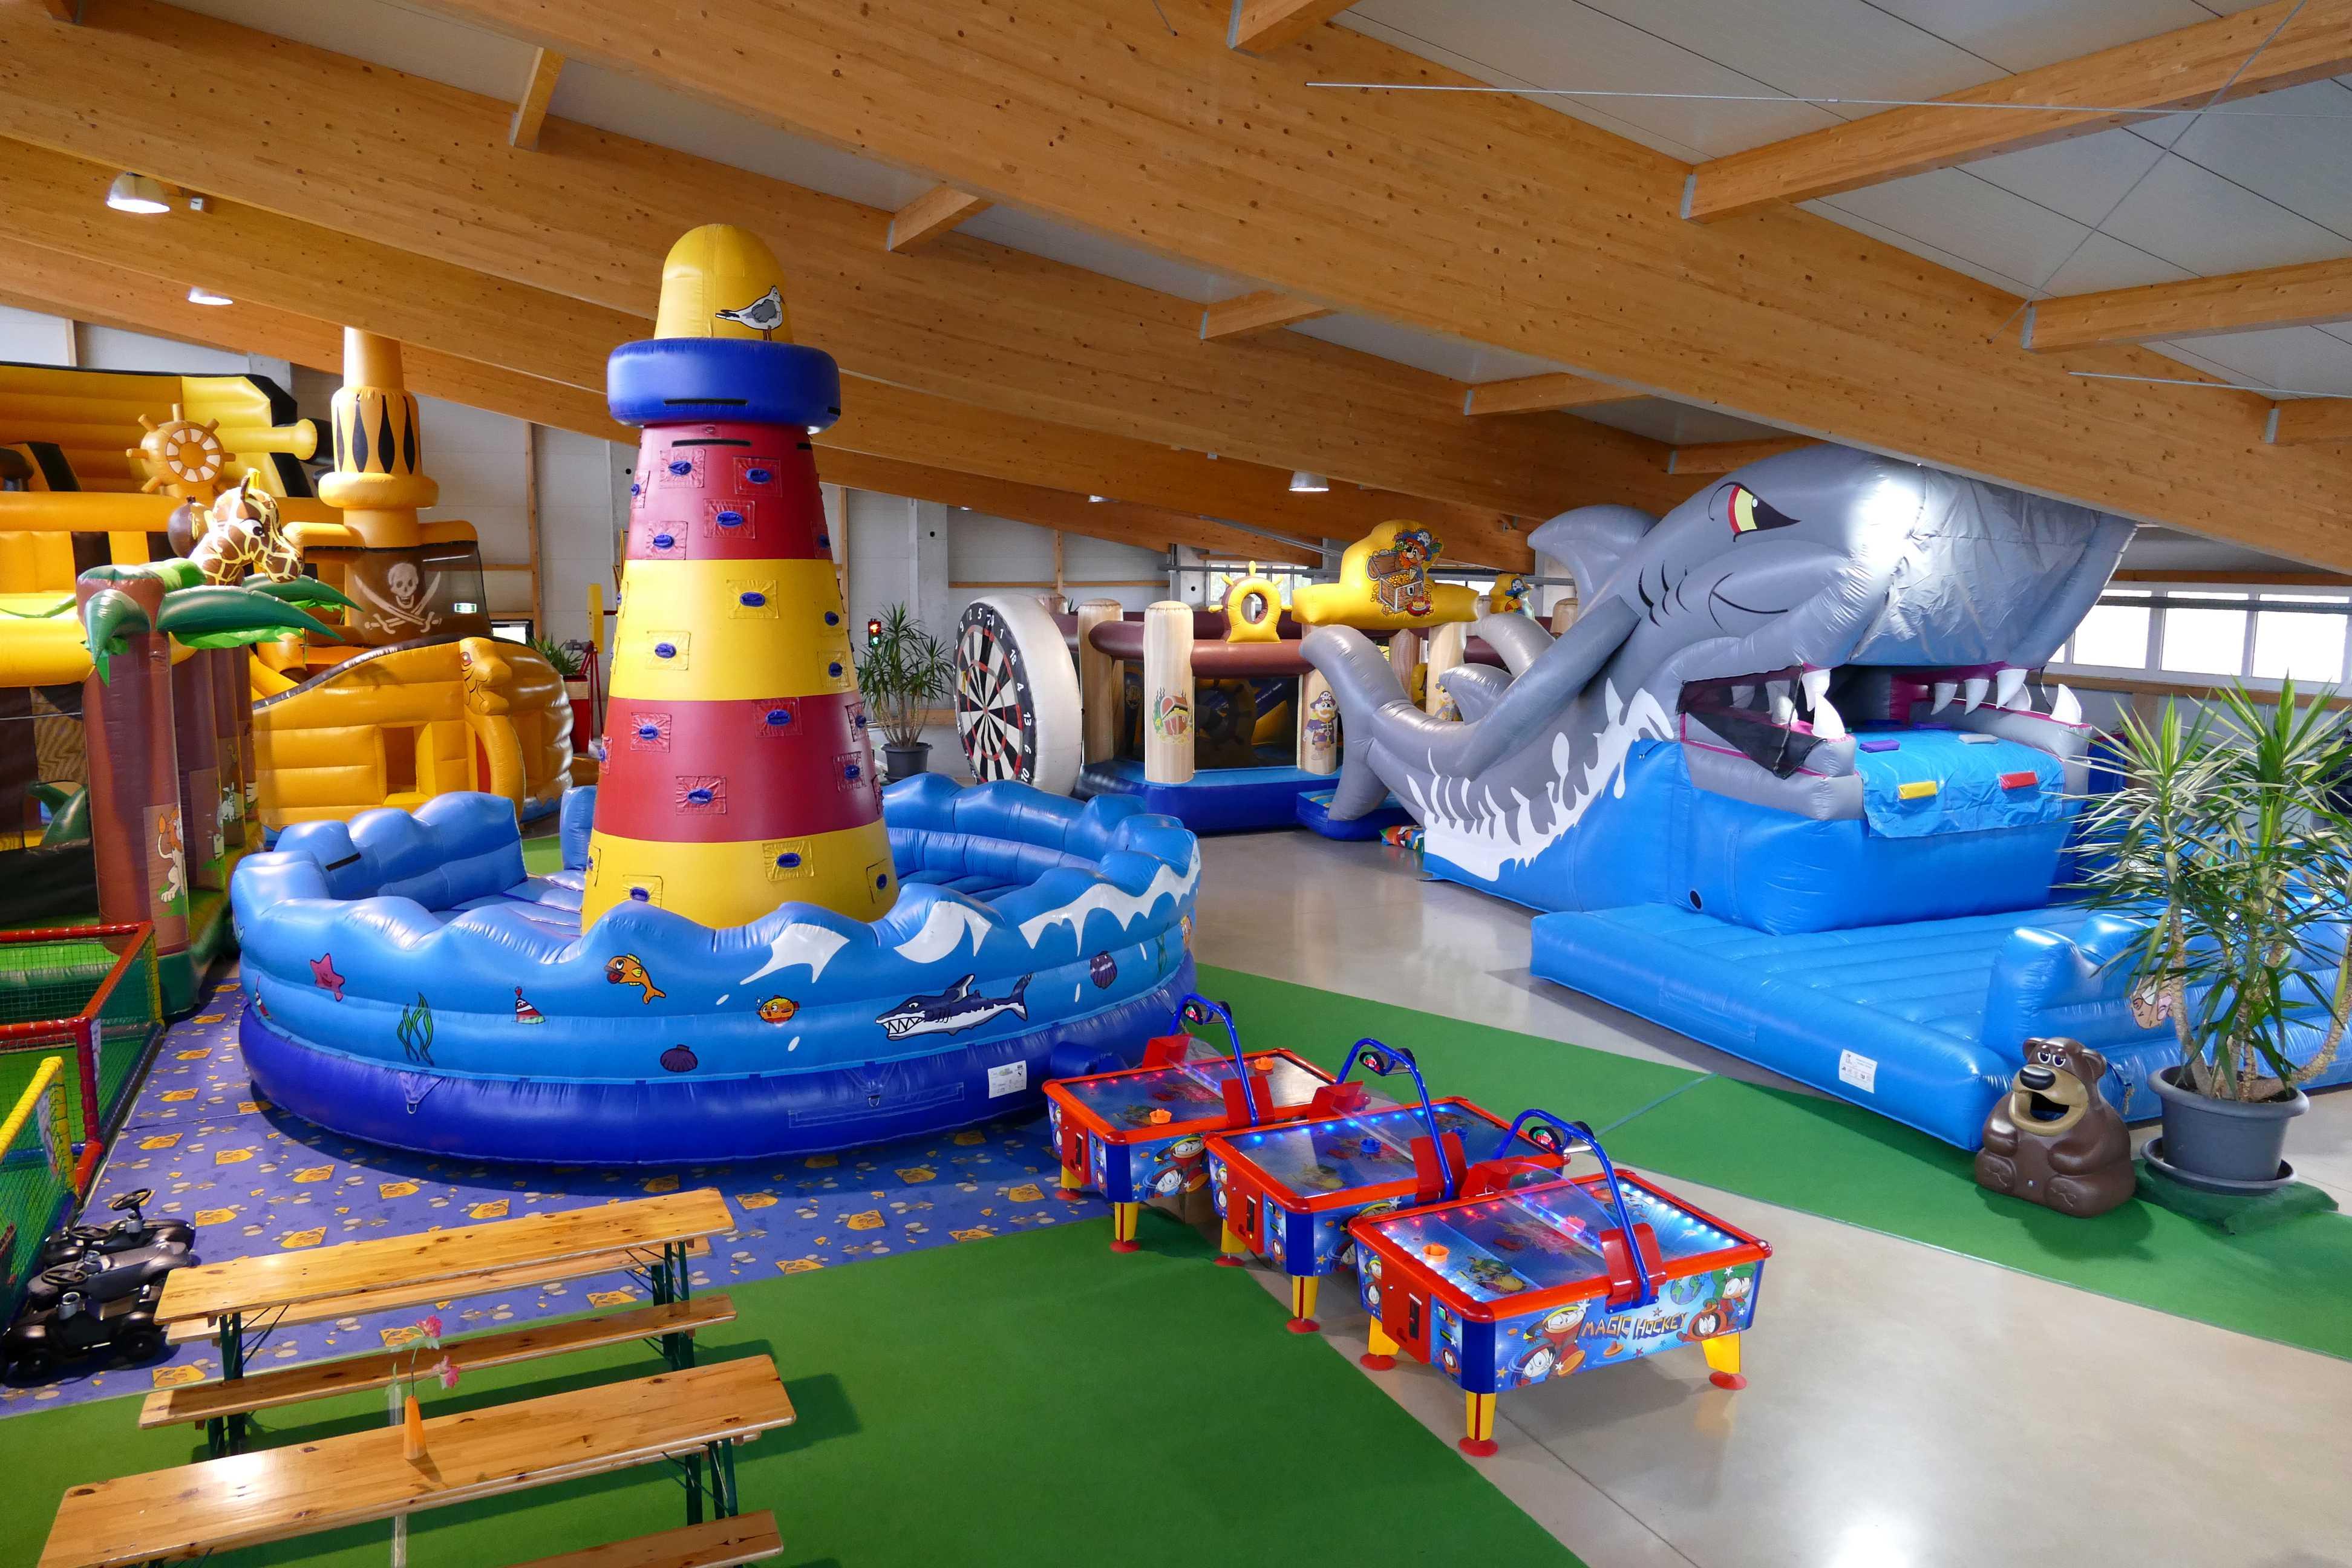 Indoorspielplatz Für Erwachsene Hessen